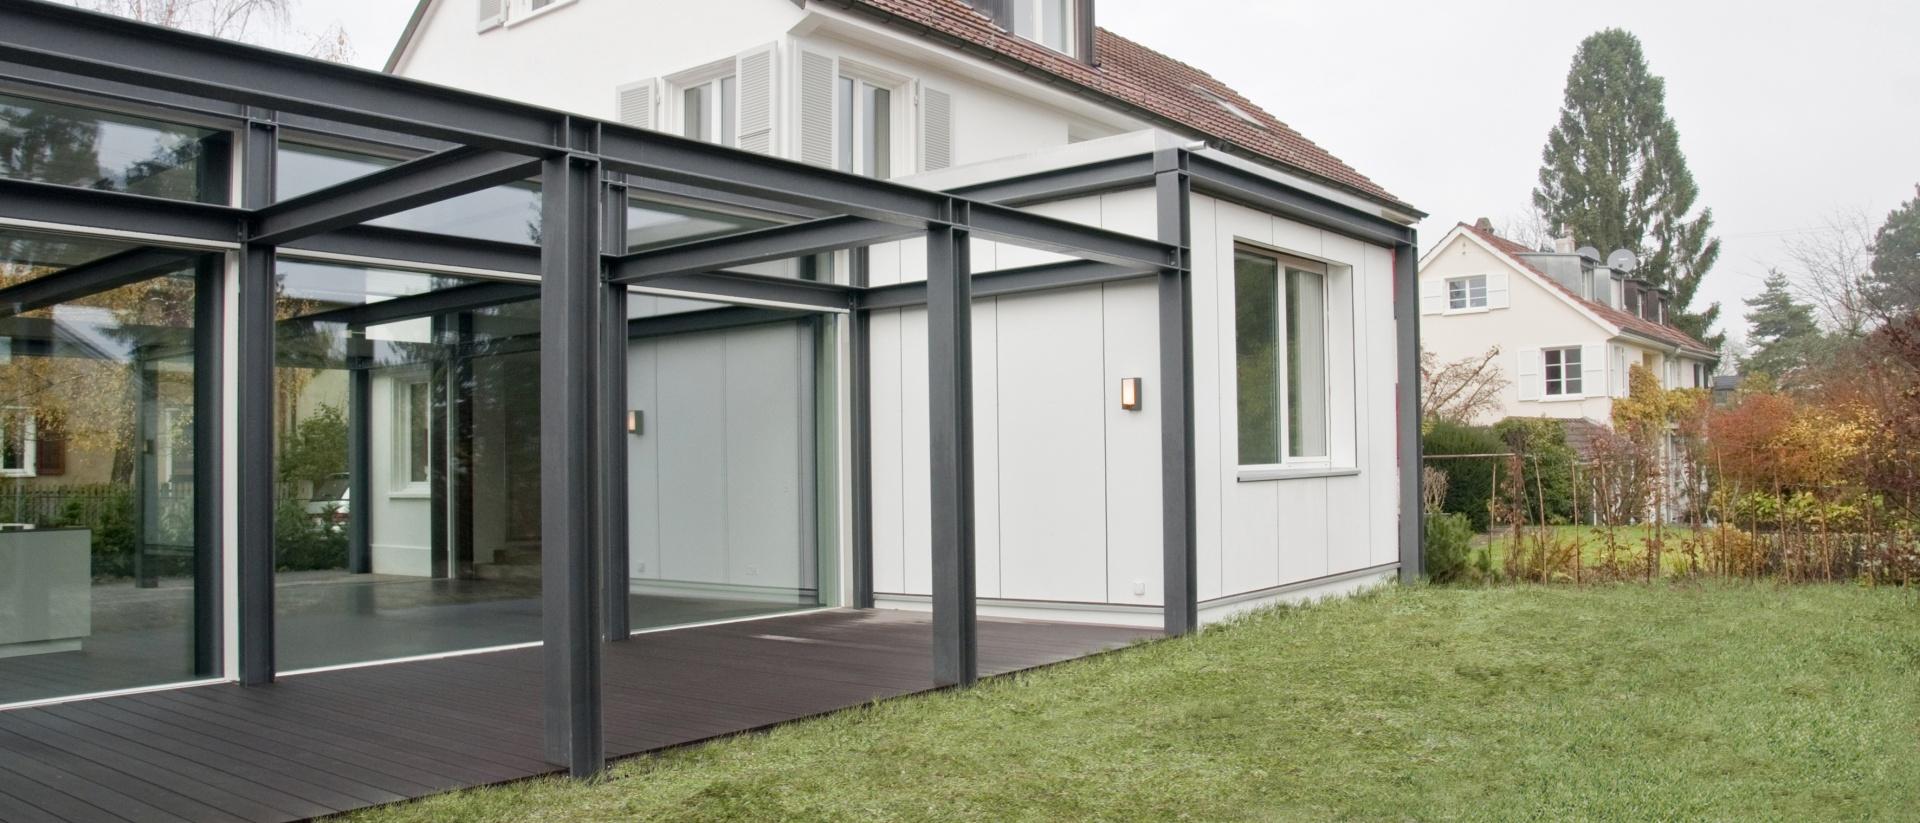 umbau und erweiterung einfamilienhaus schweizer baudokumentation. Black Bedroom Furniture Sets. Home Design Ideas